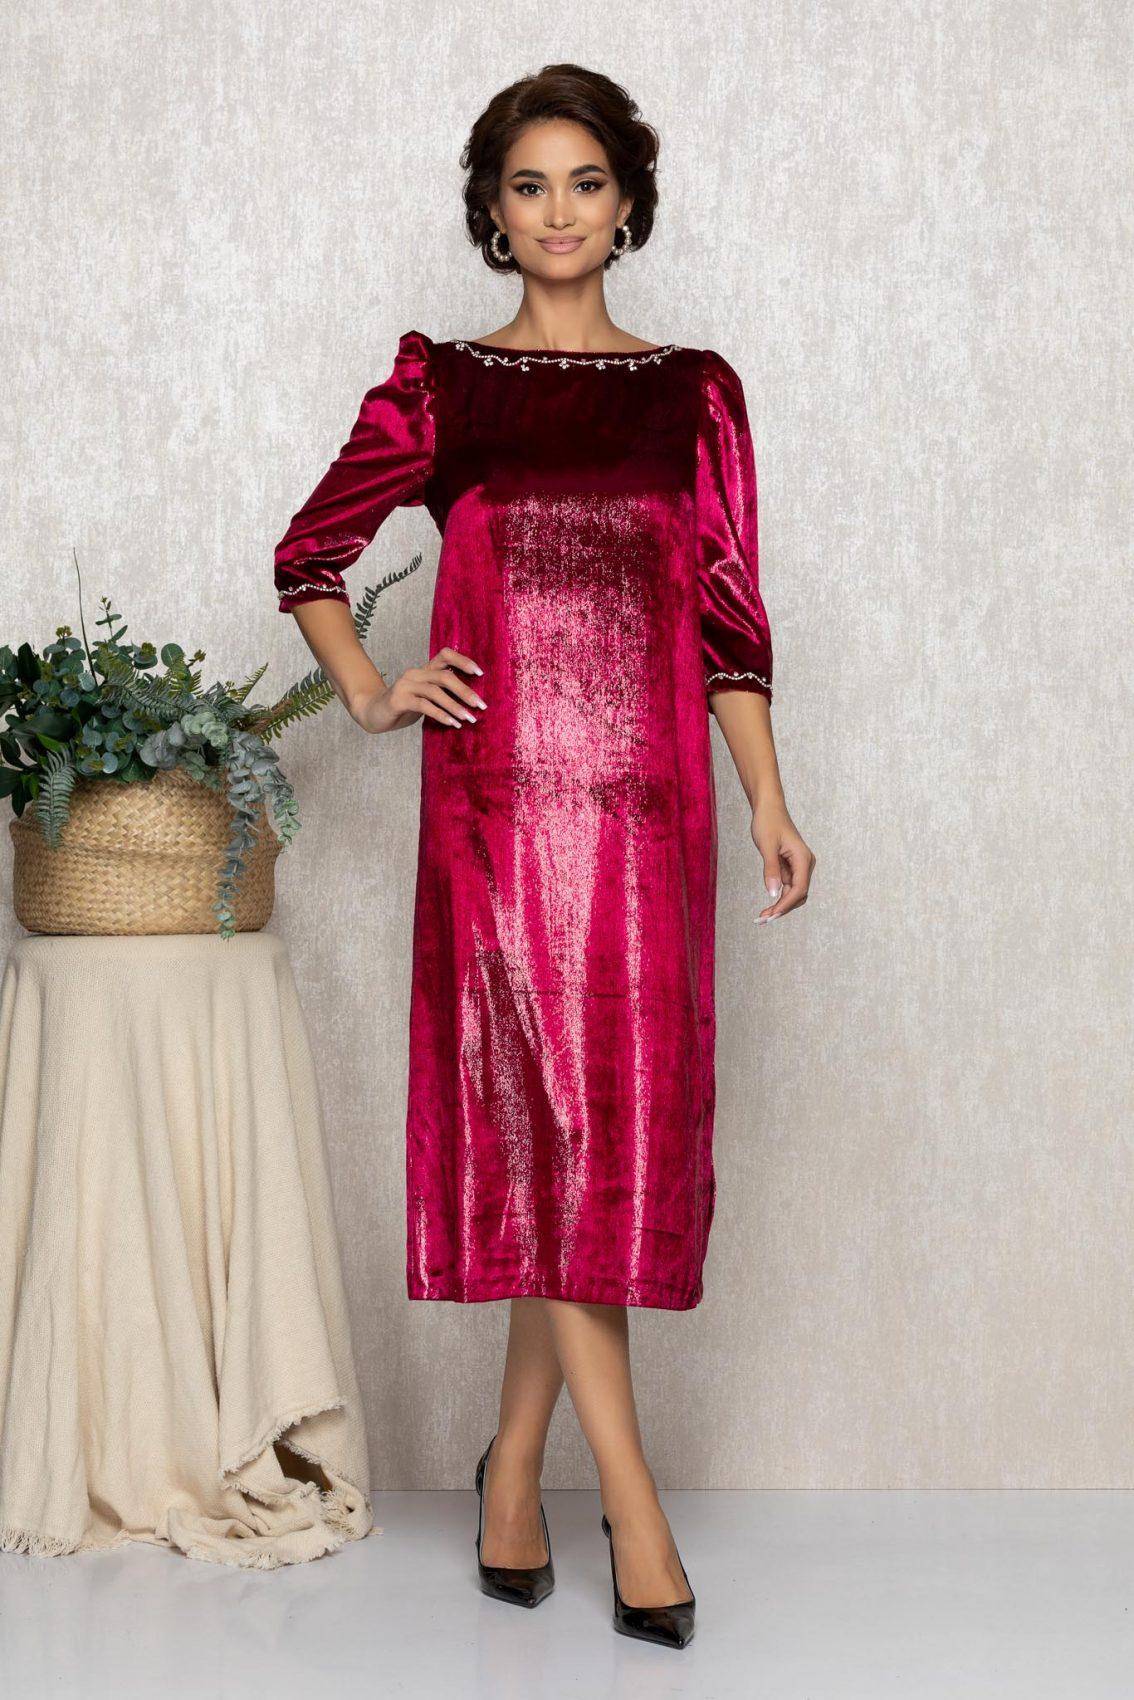 Κυκλάμινο Μίντι Φόρεμα Από Βελούδο Ginette T204 1